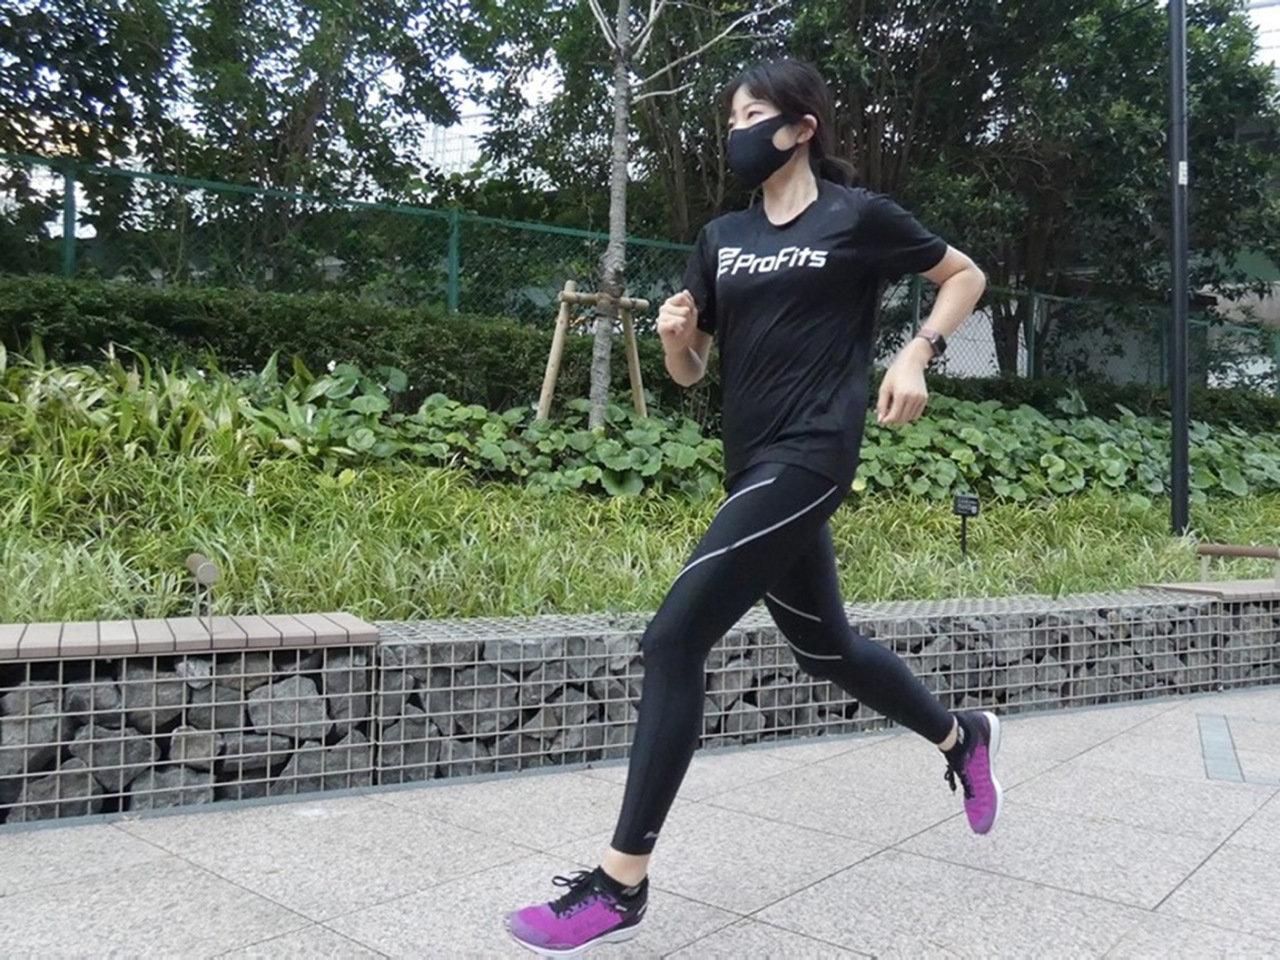 ピップのブランド史上初。対ウイルス加工付きランニング用マスクが1枚1480円。1万枚限定発売。